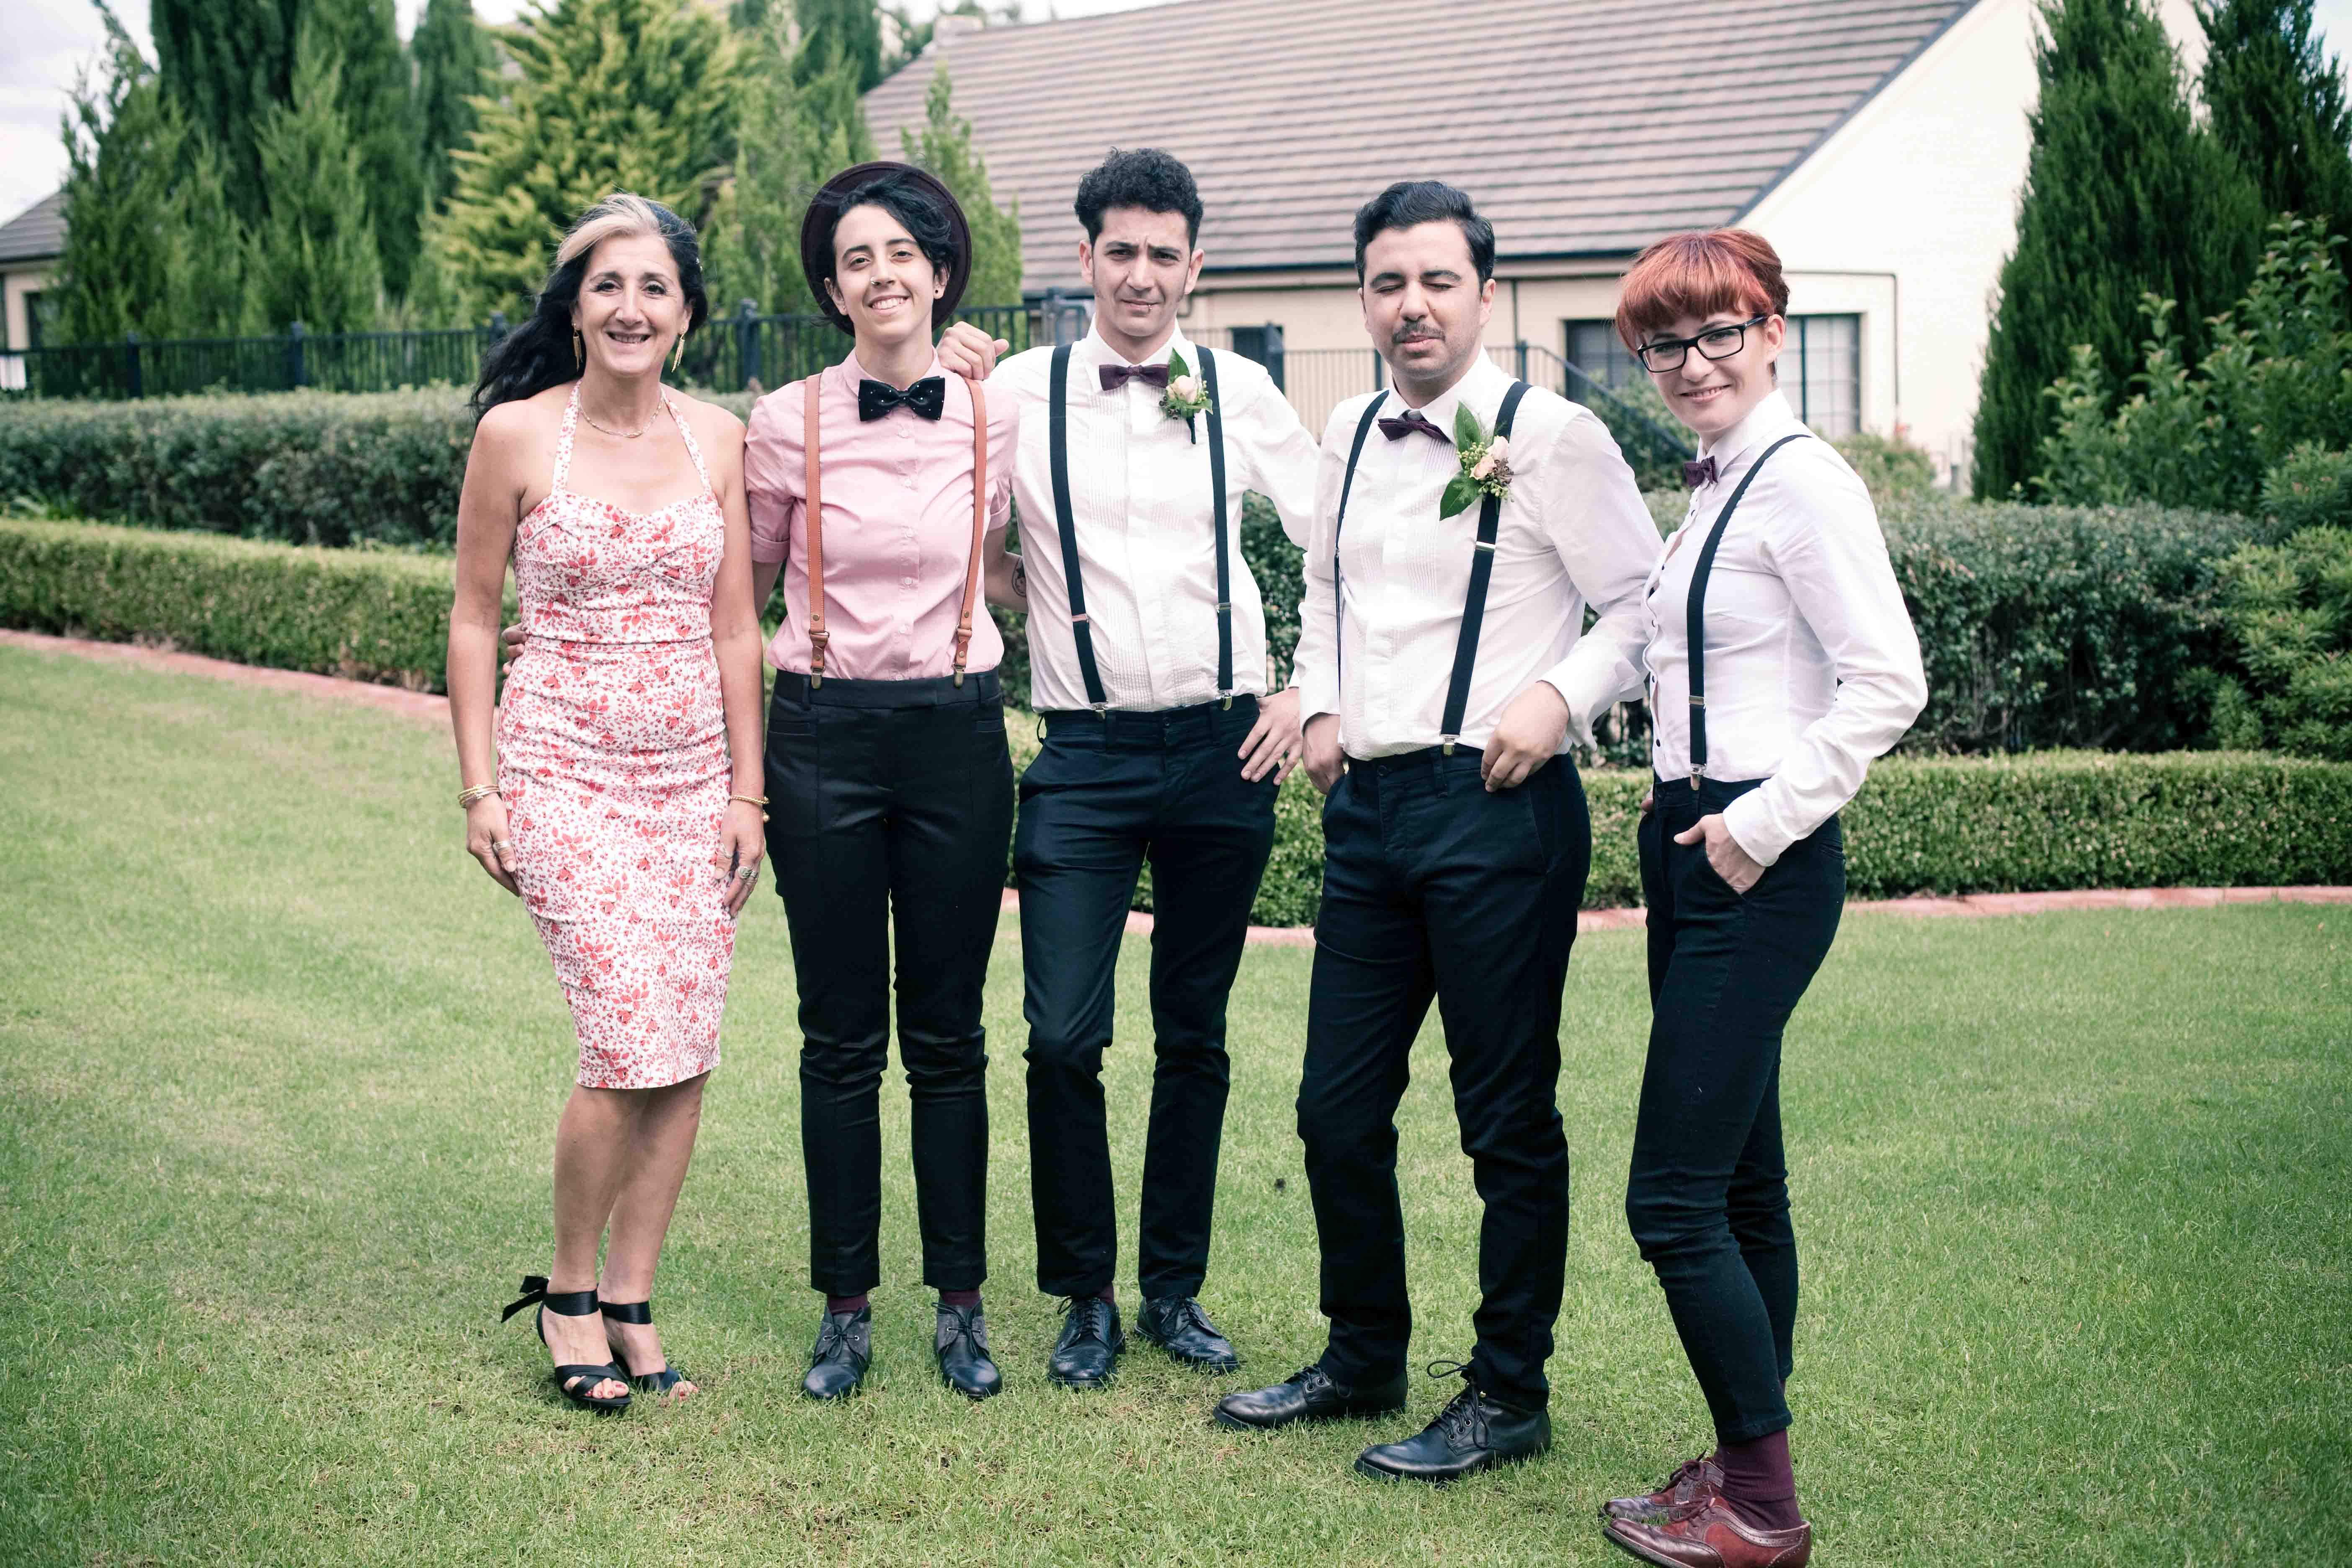 2 lesbian wedding ideas Image Image Image